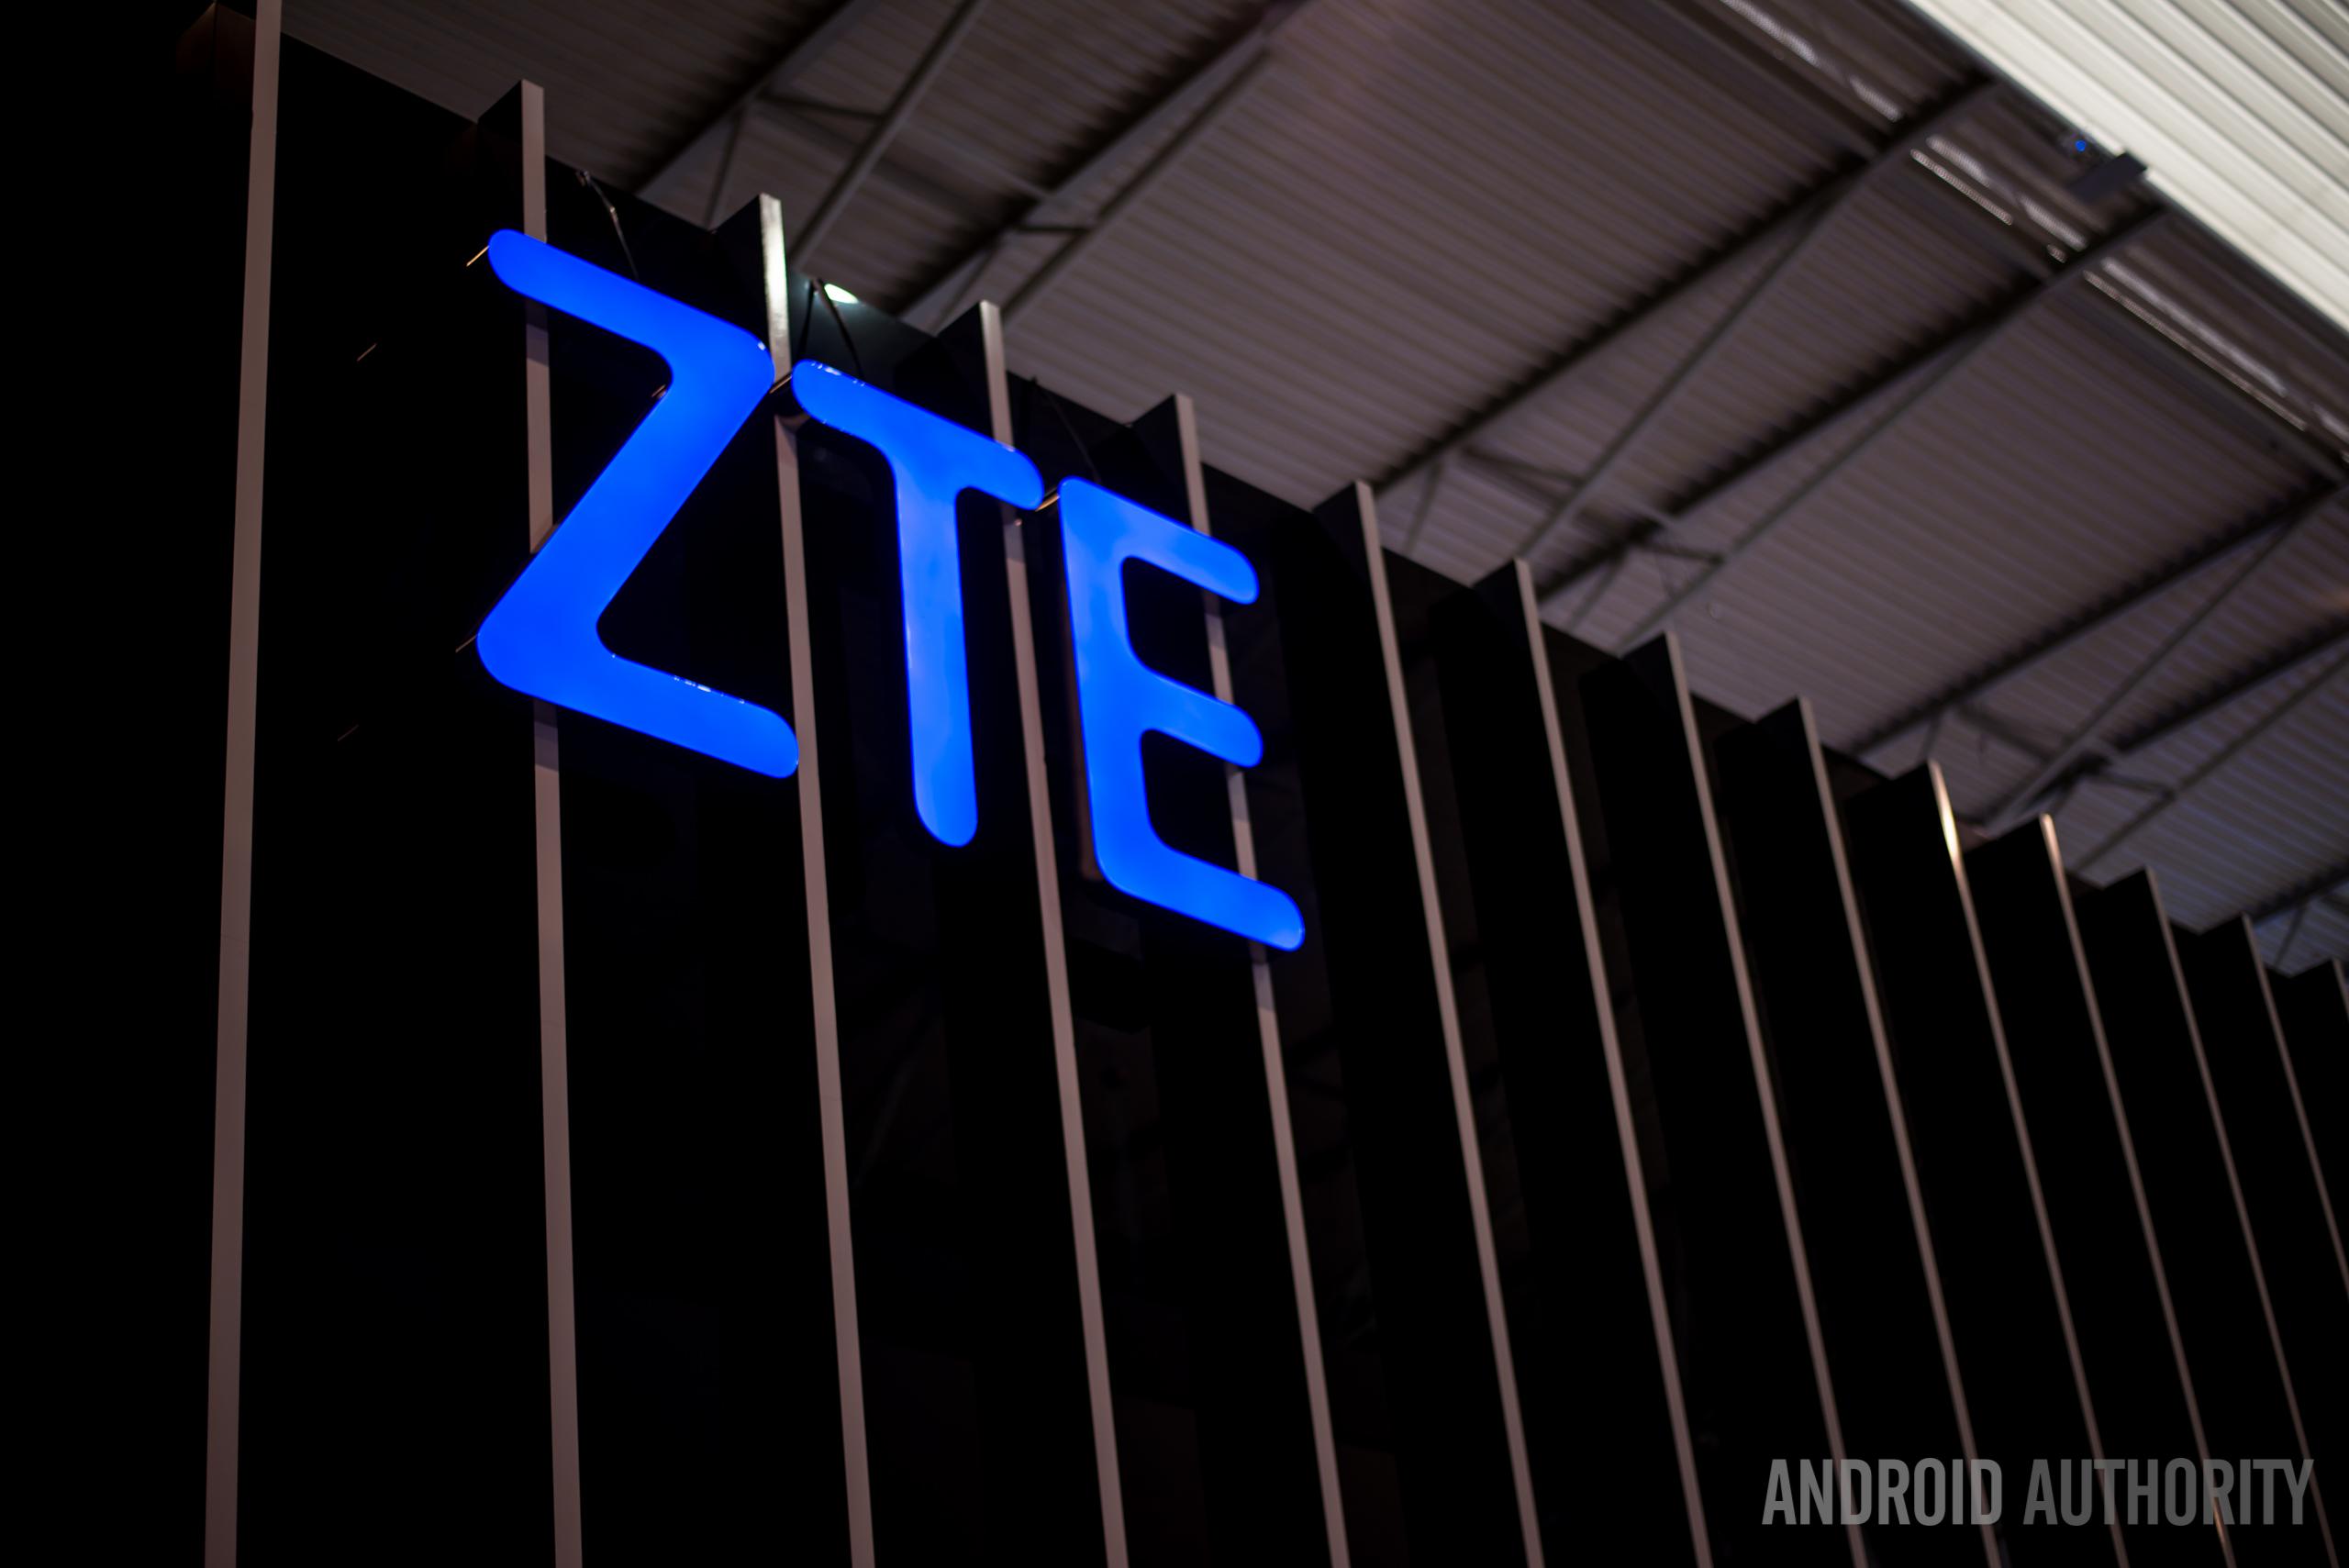 ZTE-1